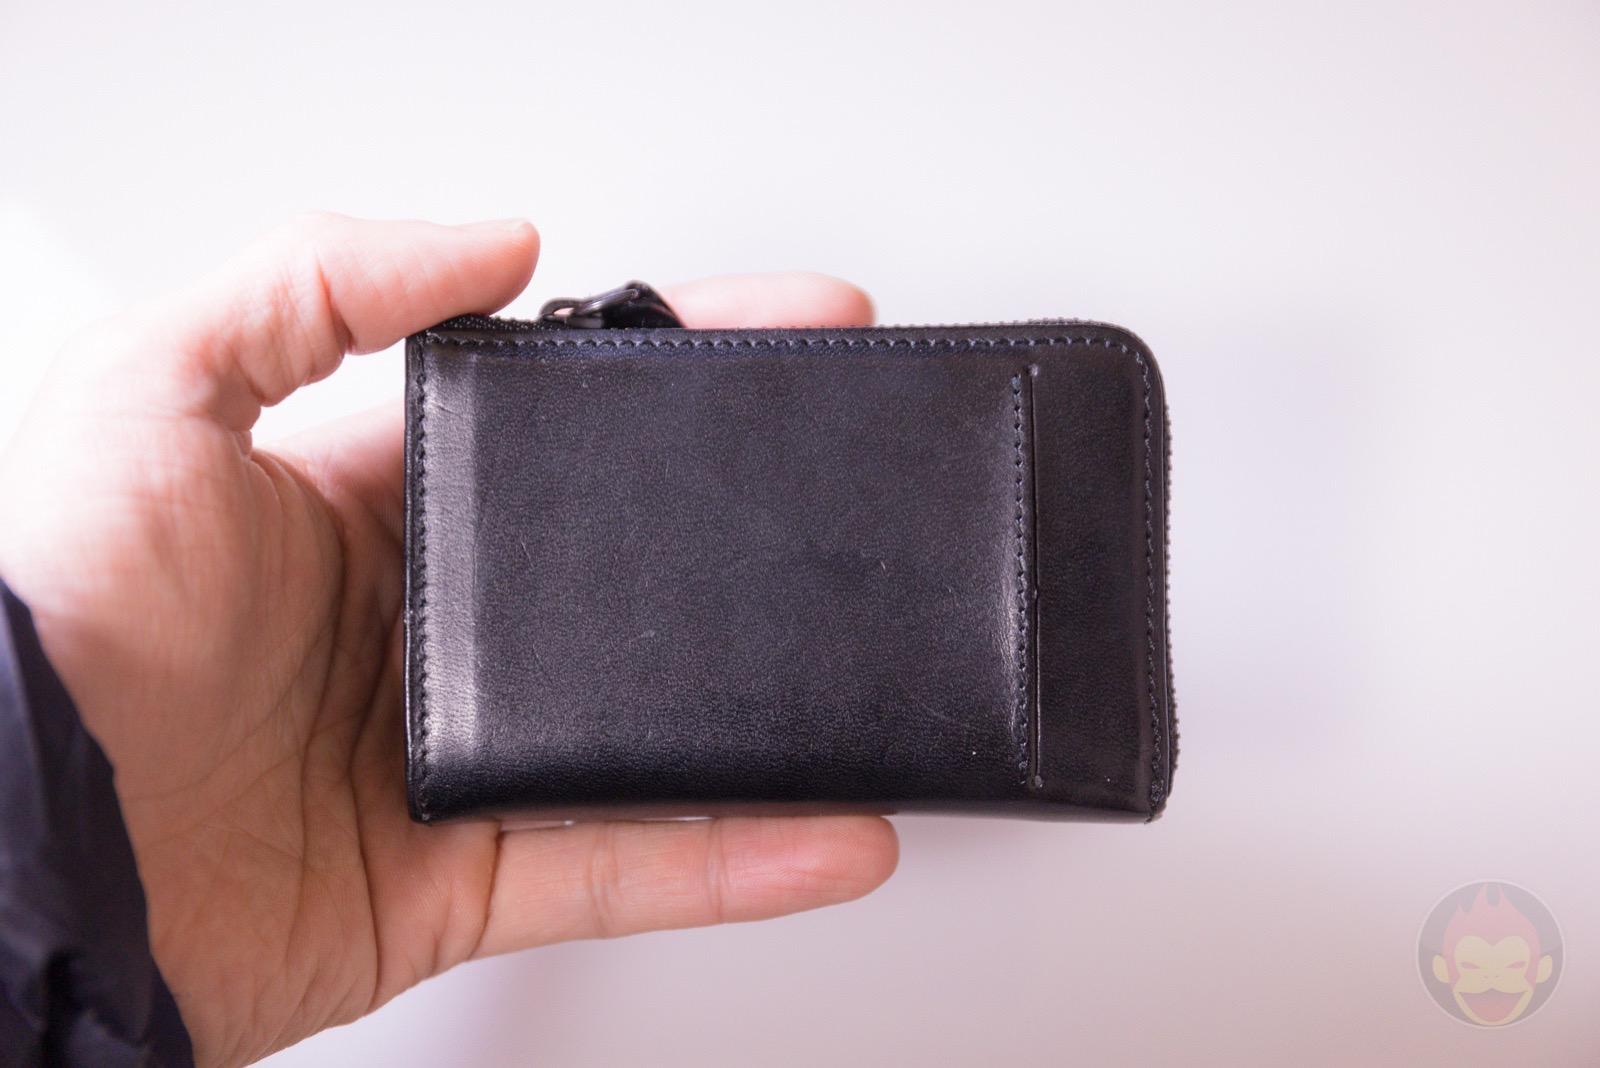 Tobalog Presso L Wallet